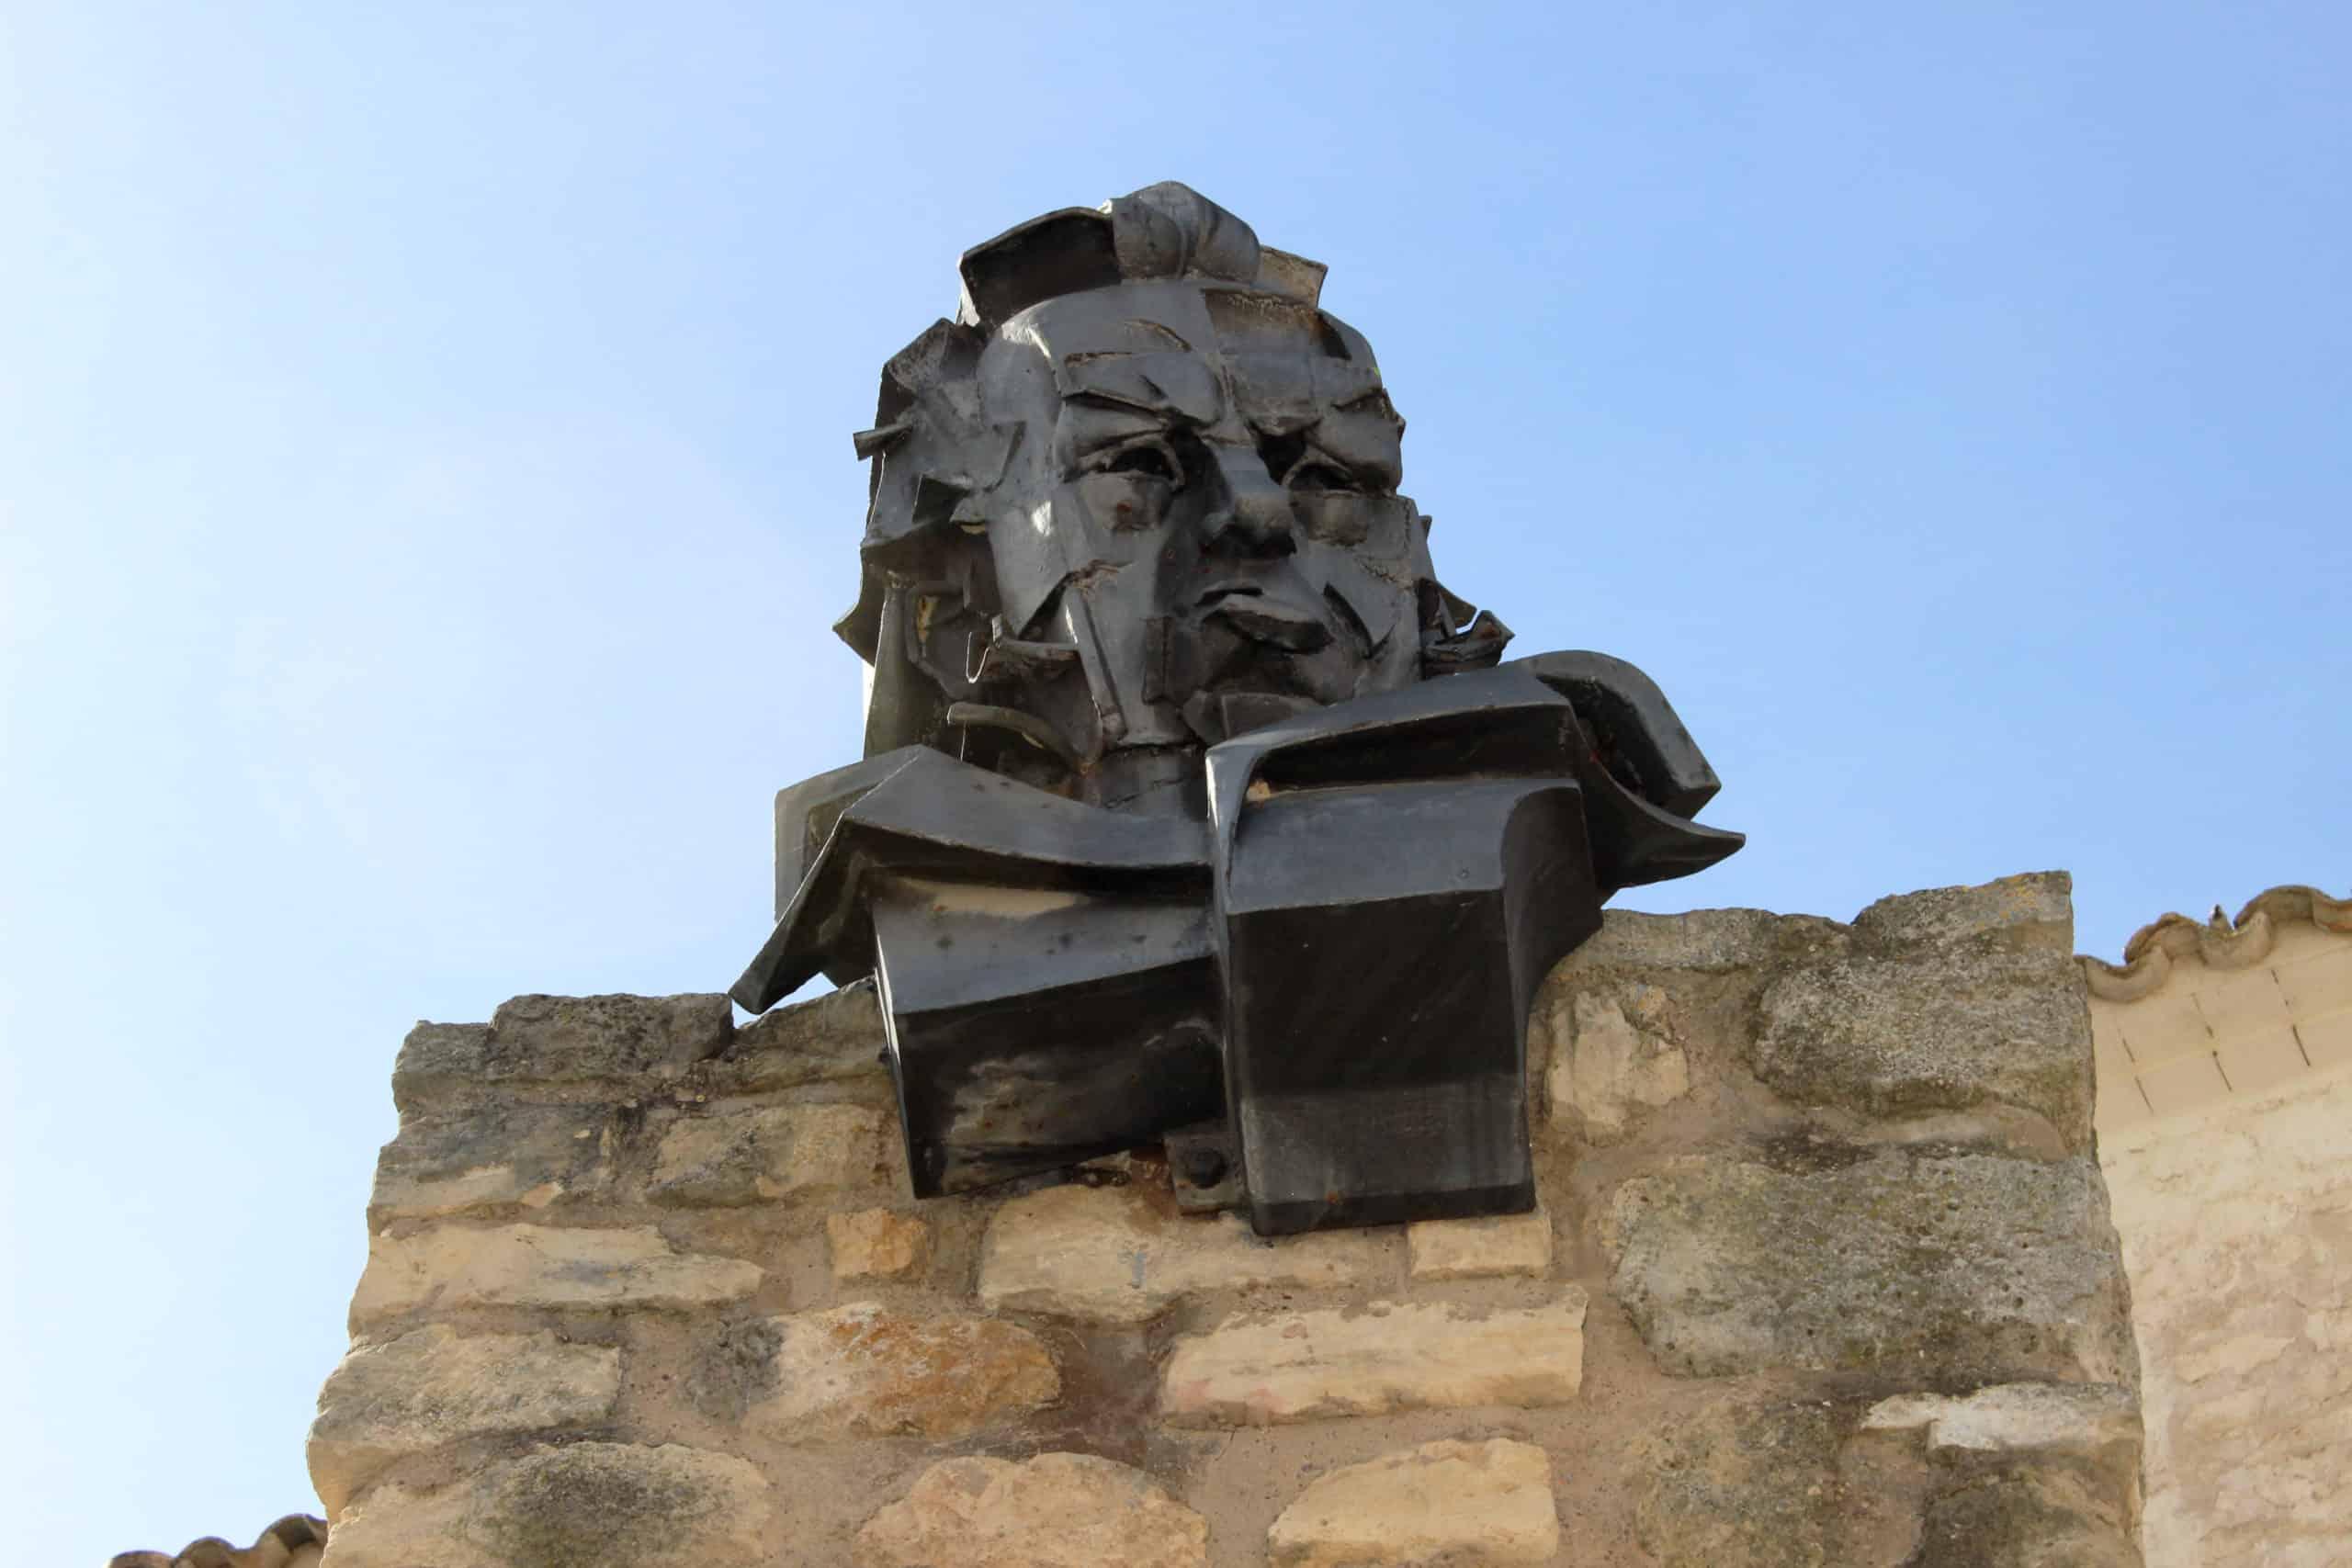 Estatua de Goya en Fuendetodos (Zaragoza, España). Su pueblo natal.